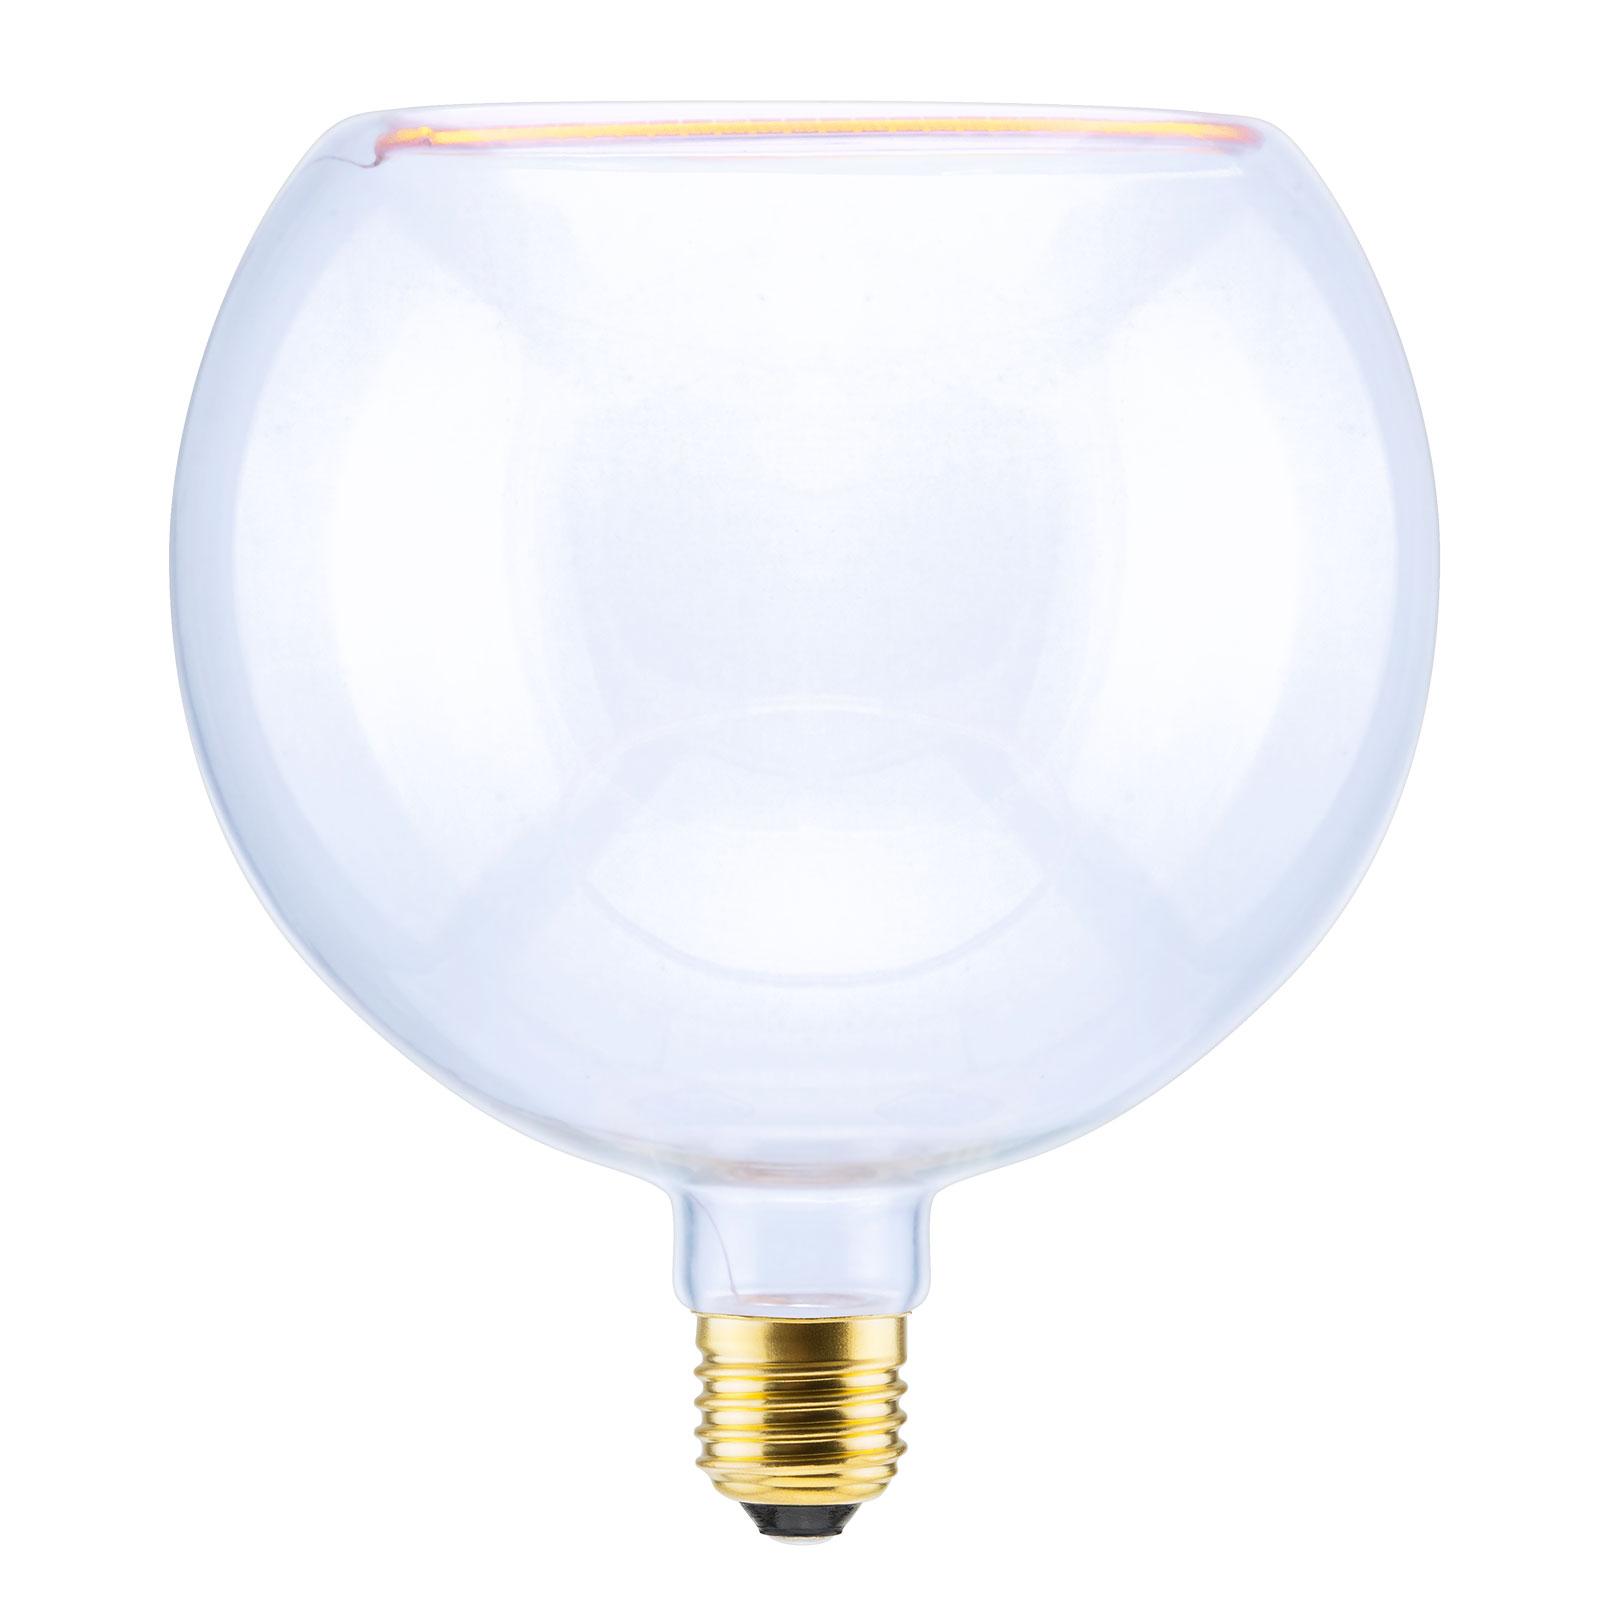 SEGULA LED-Floating-globe-lamppu 200 E27 8W kirkas